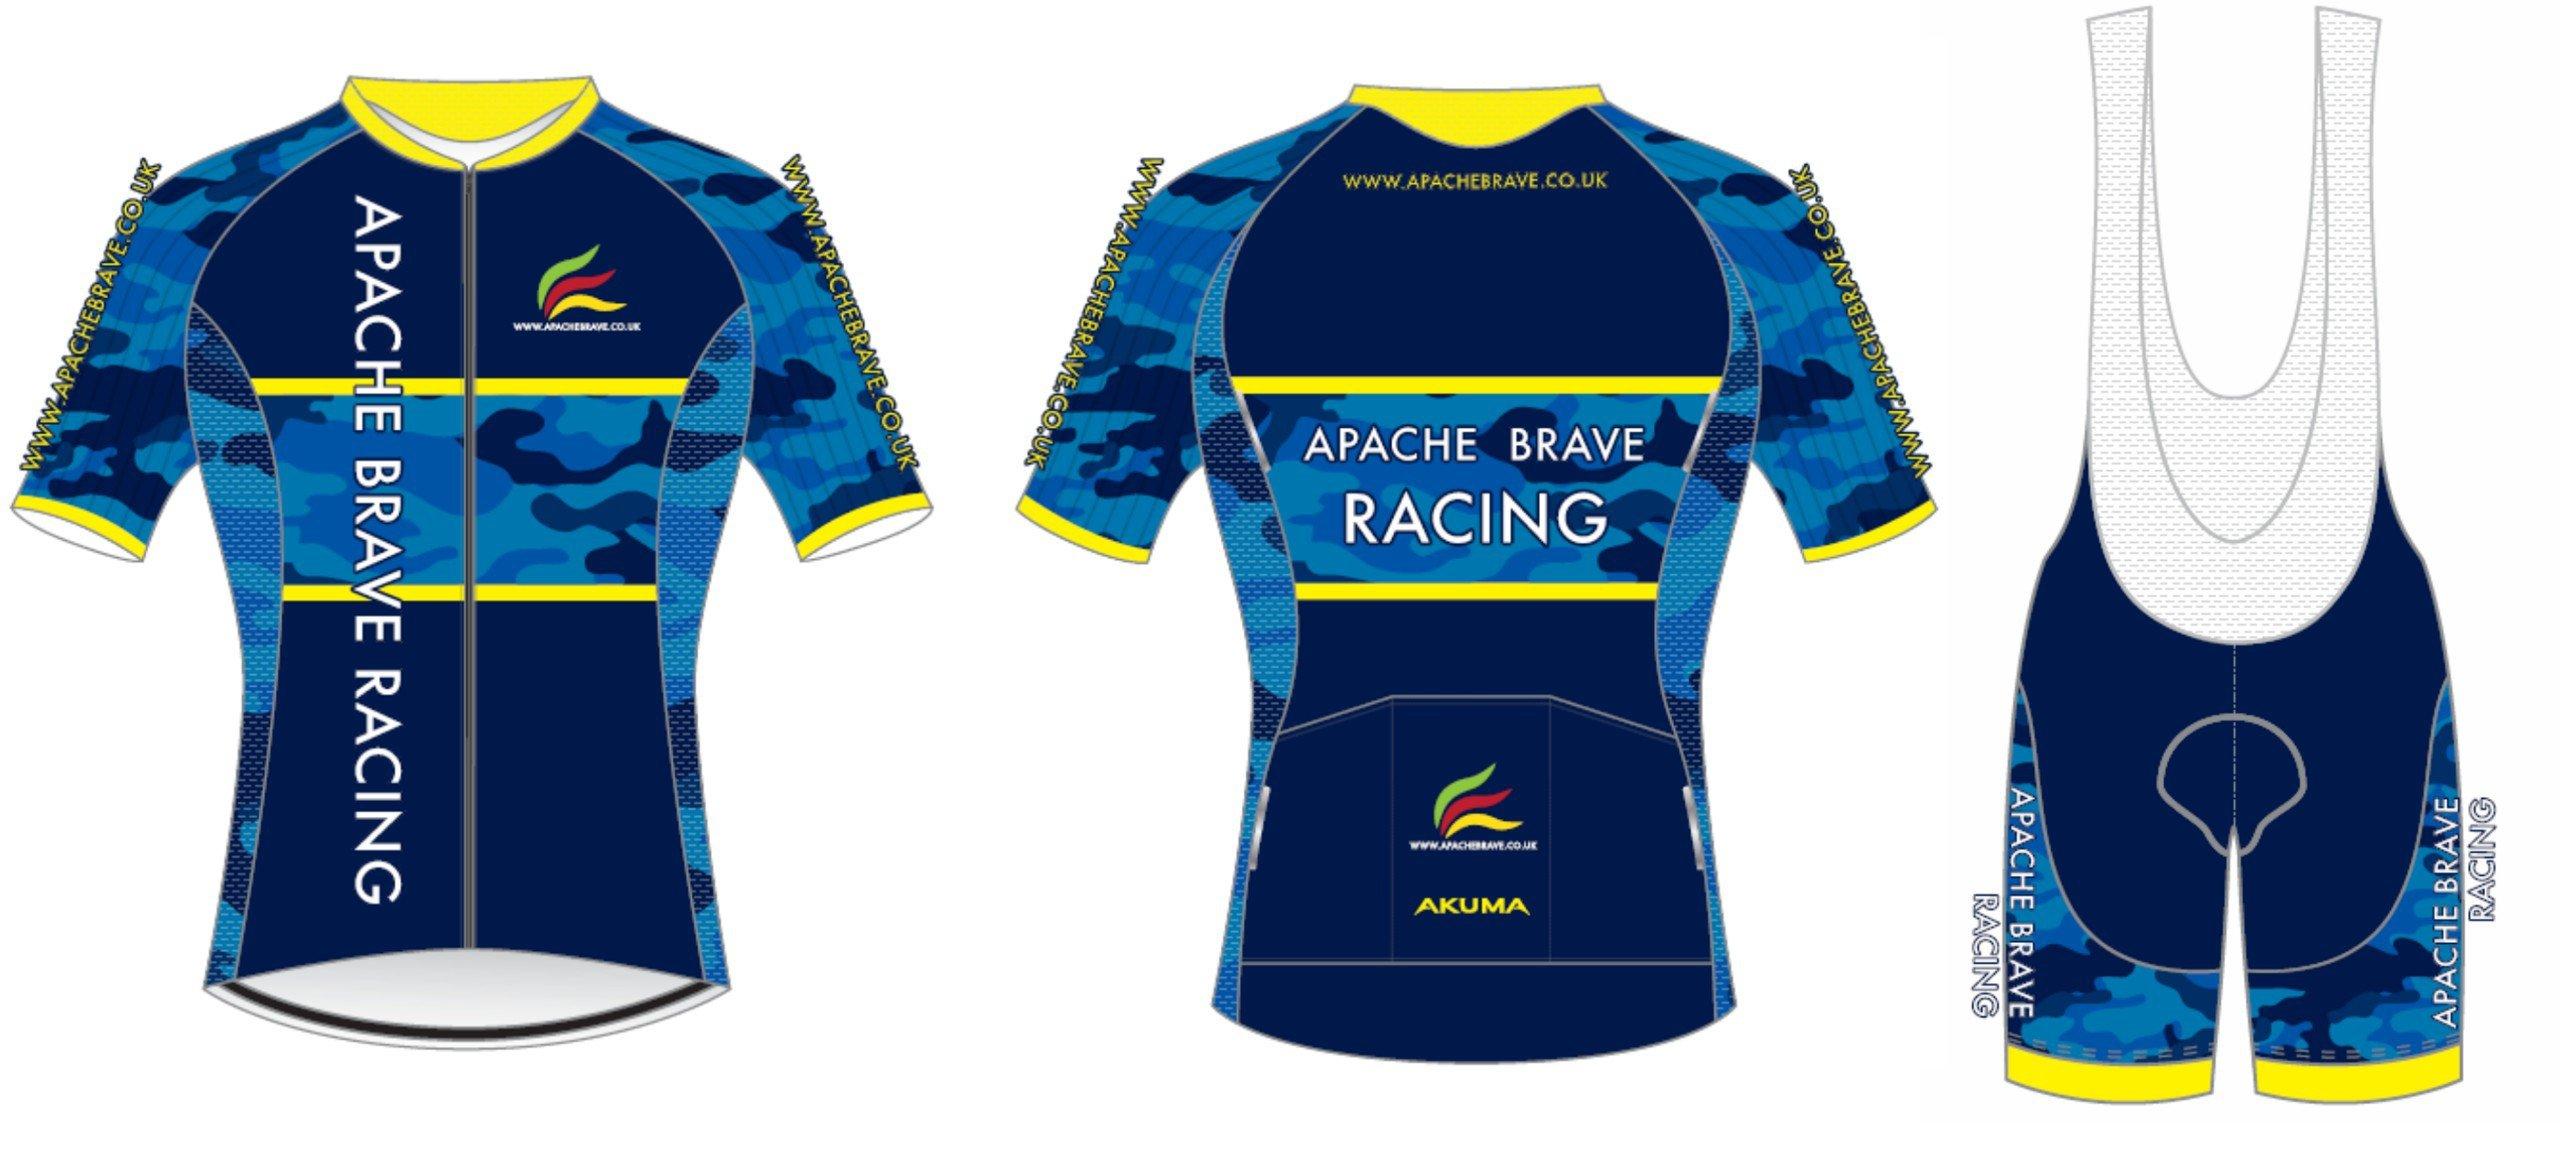 Apache Brave Racing Kit